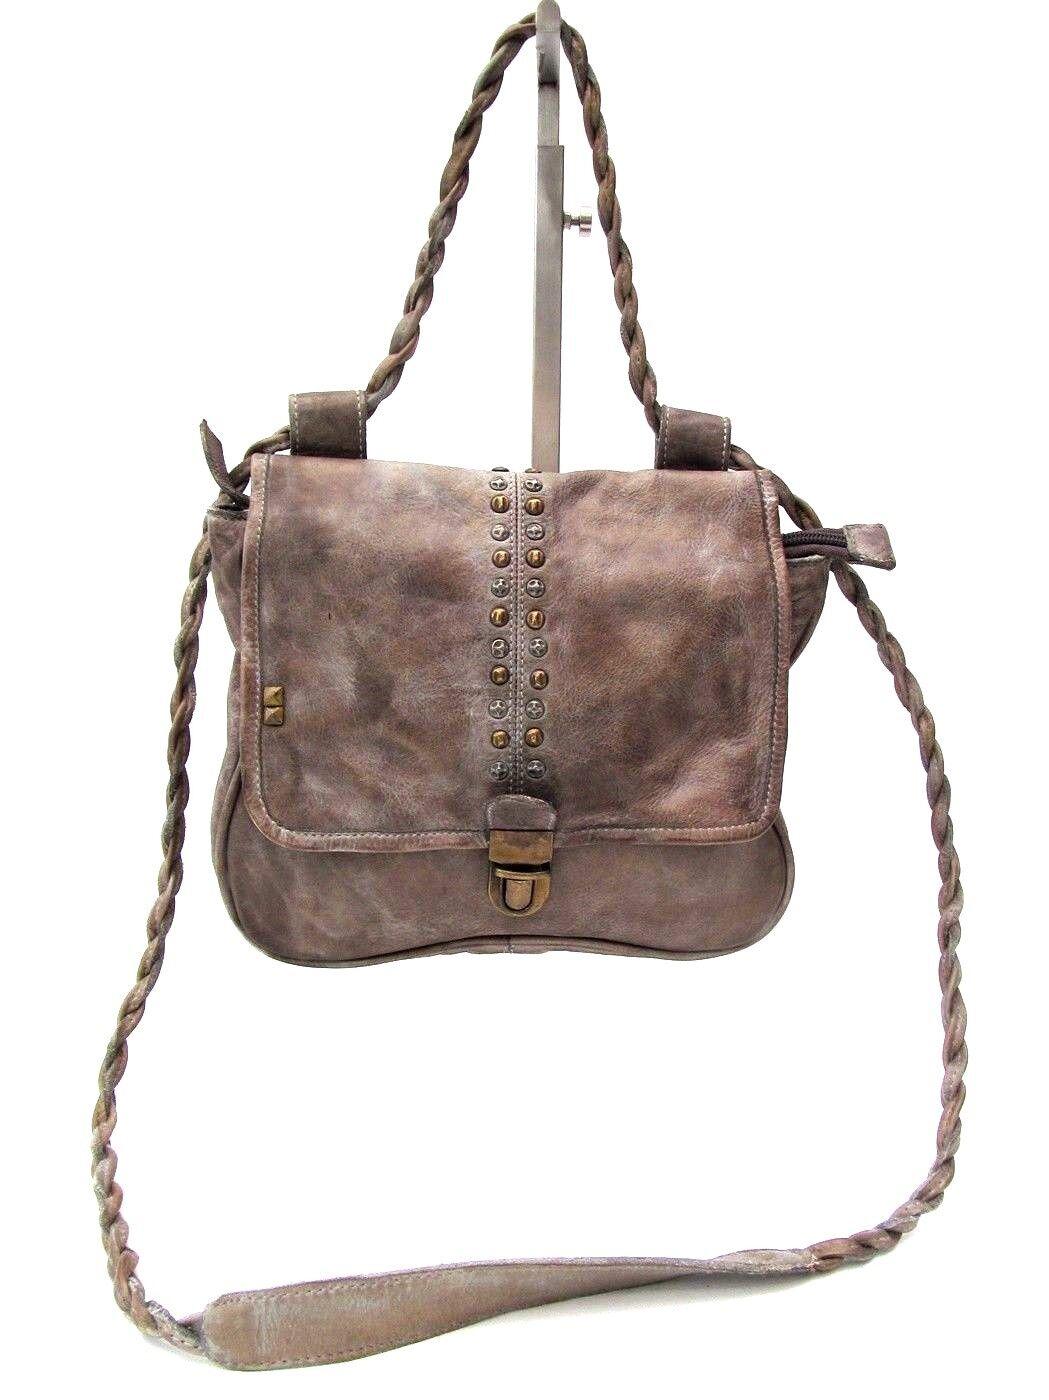 Desiderius MONS ABRIL earl grau, grau Tasche Umhängetasche Vintage    | Diversified In Packaging  | Online einkaufen  | Sonderpreis